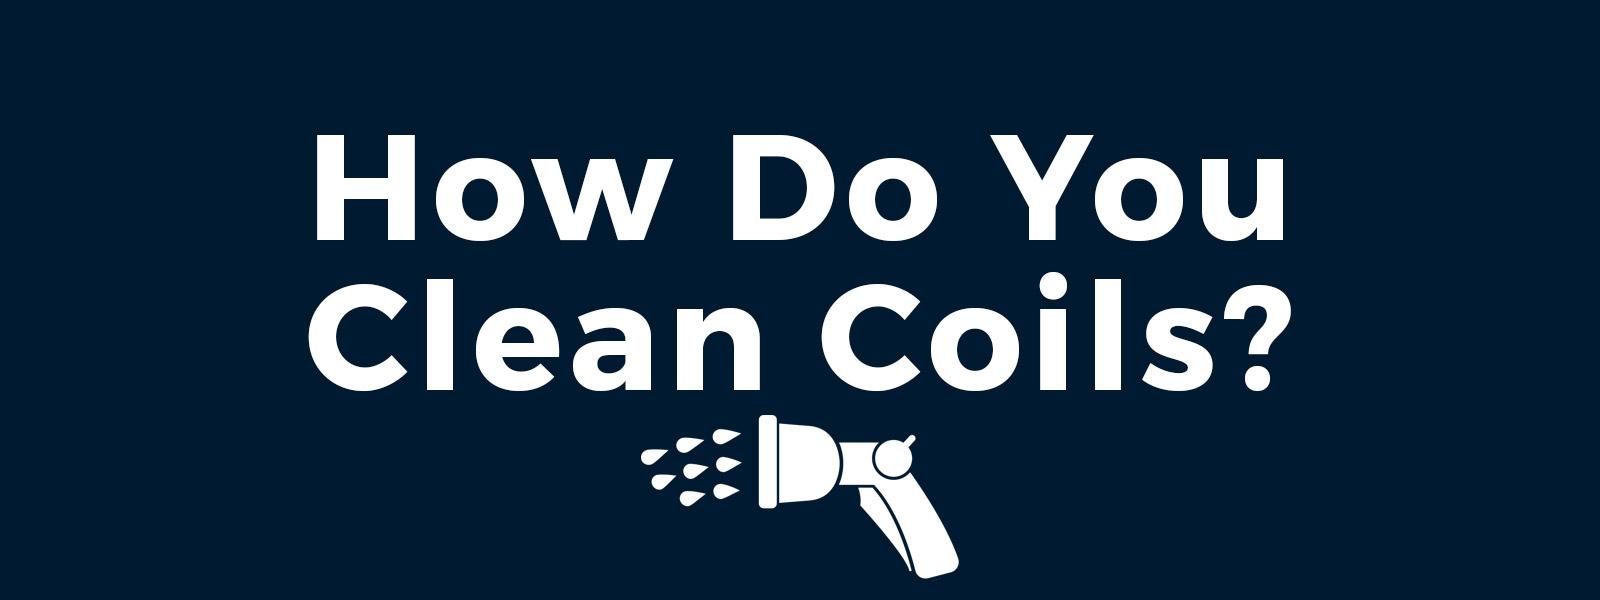 How-Do-You-Clean-Coils